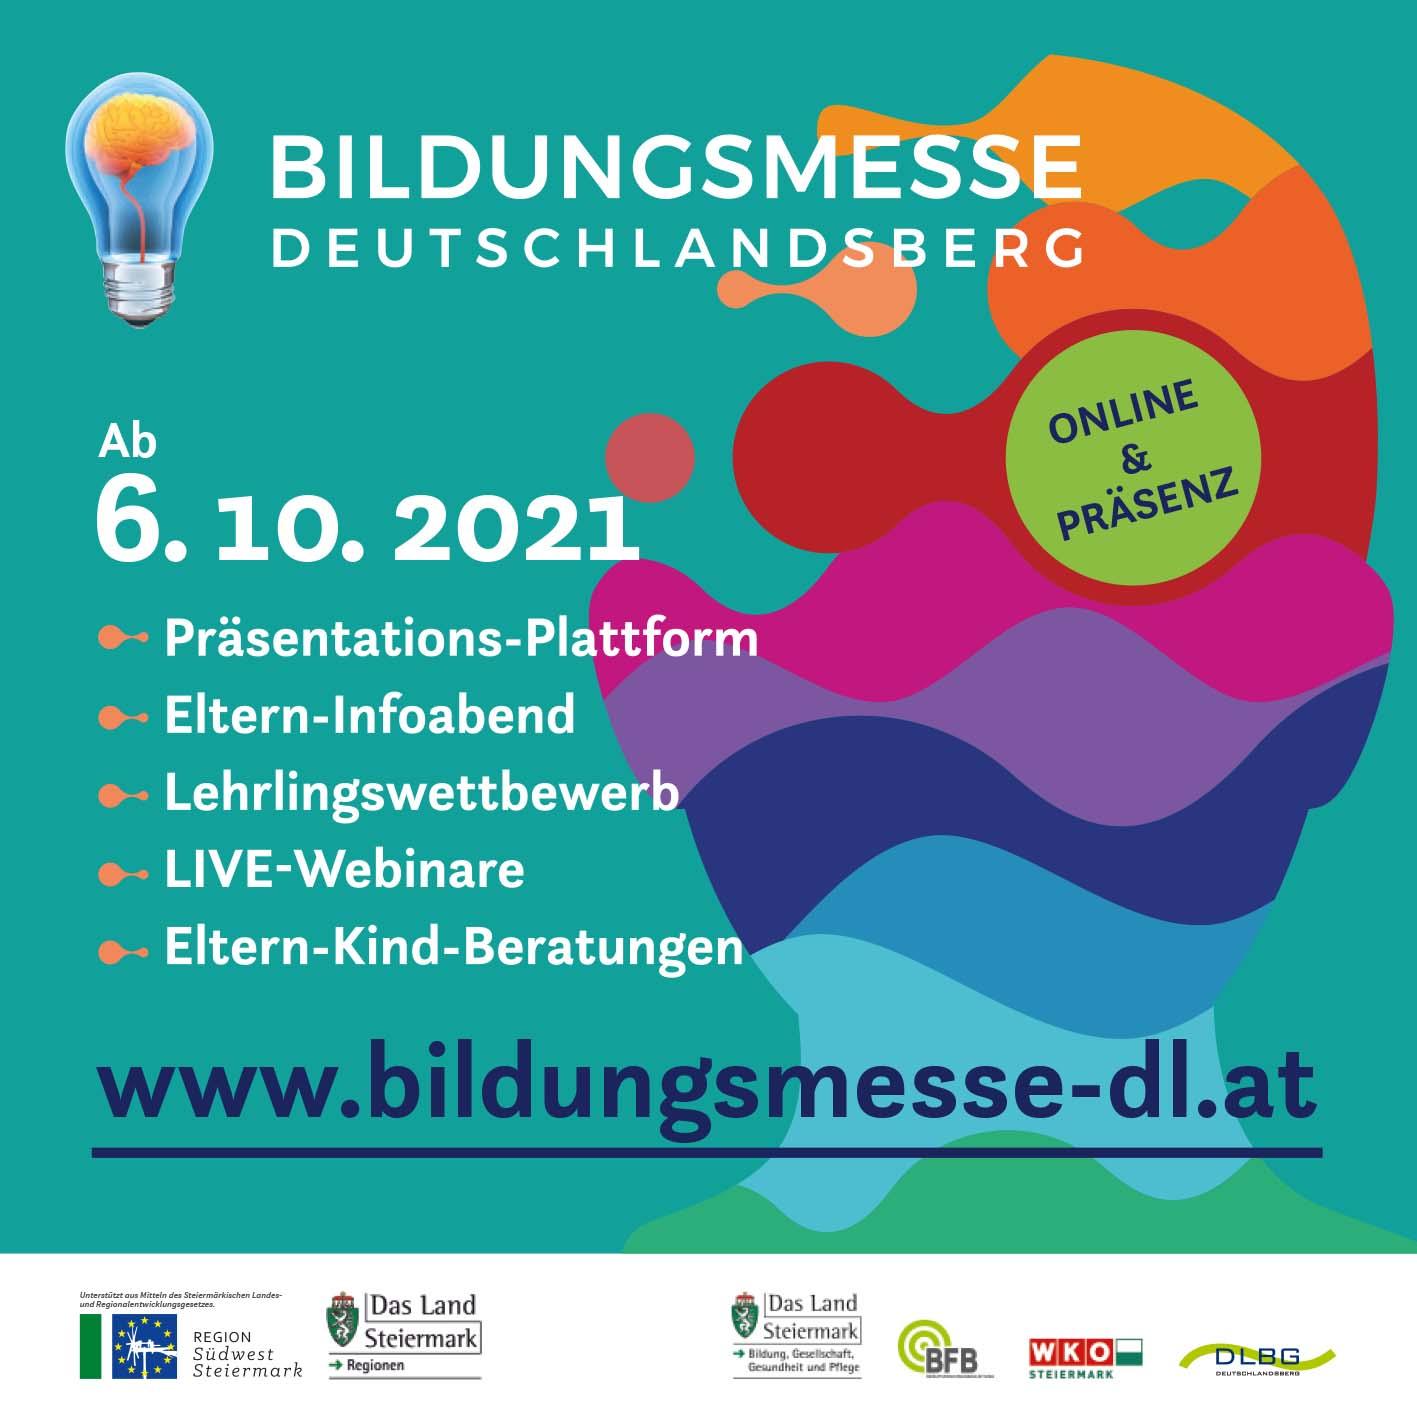 Bildungsmesse Deutschlandsberg 2021